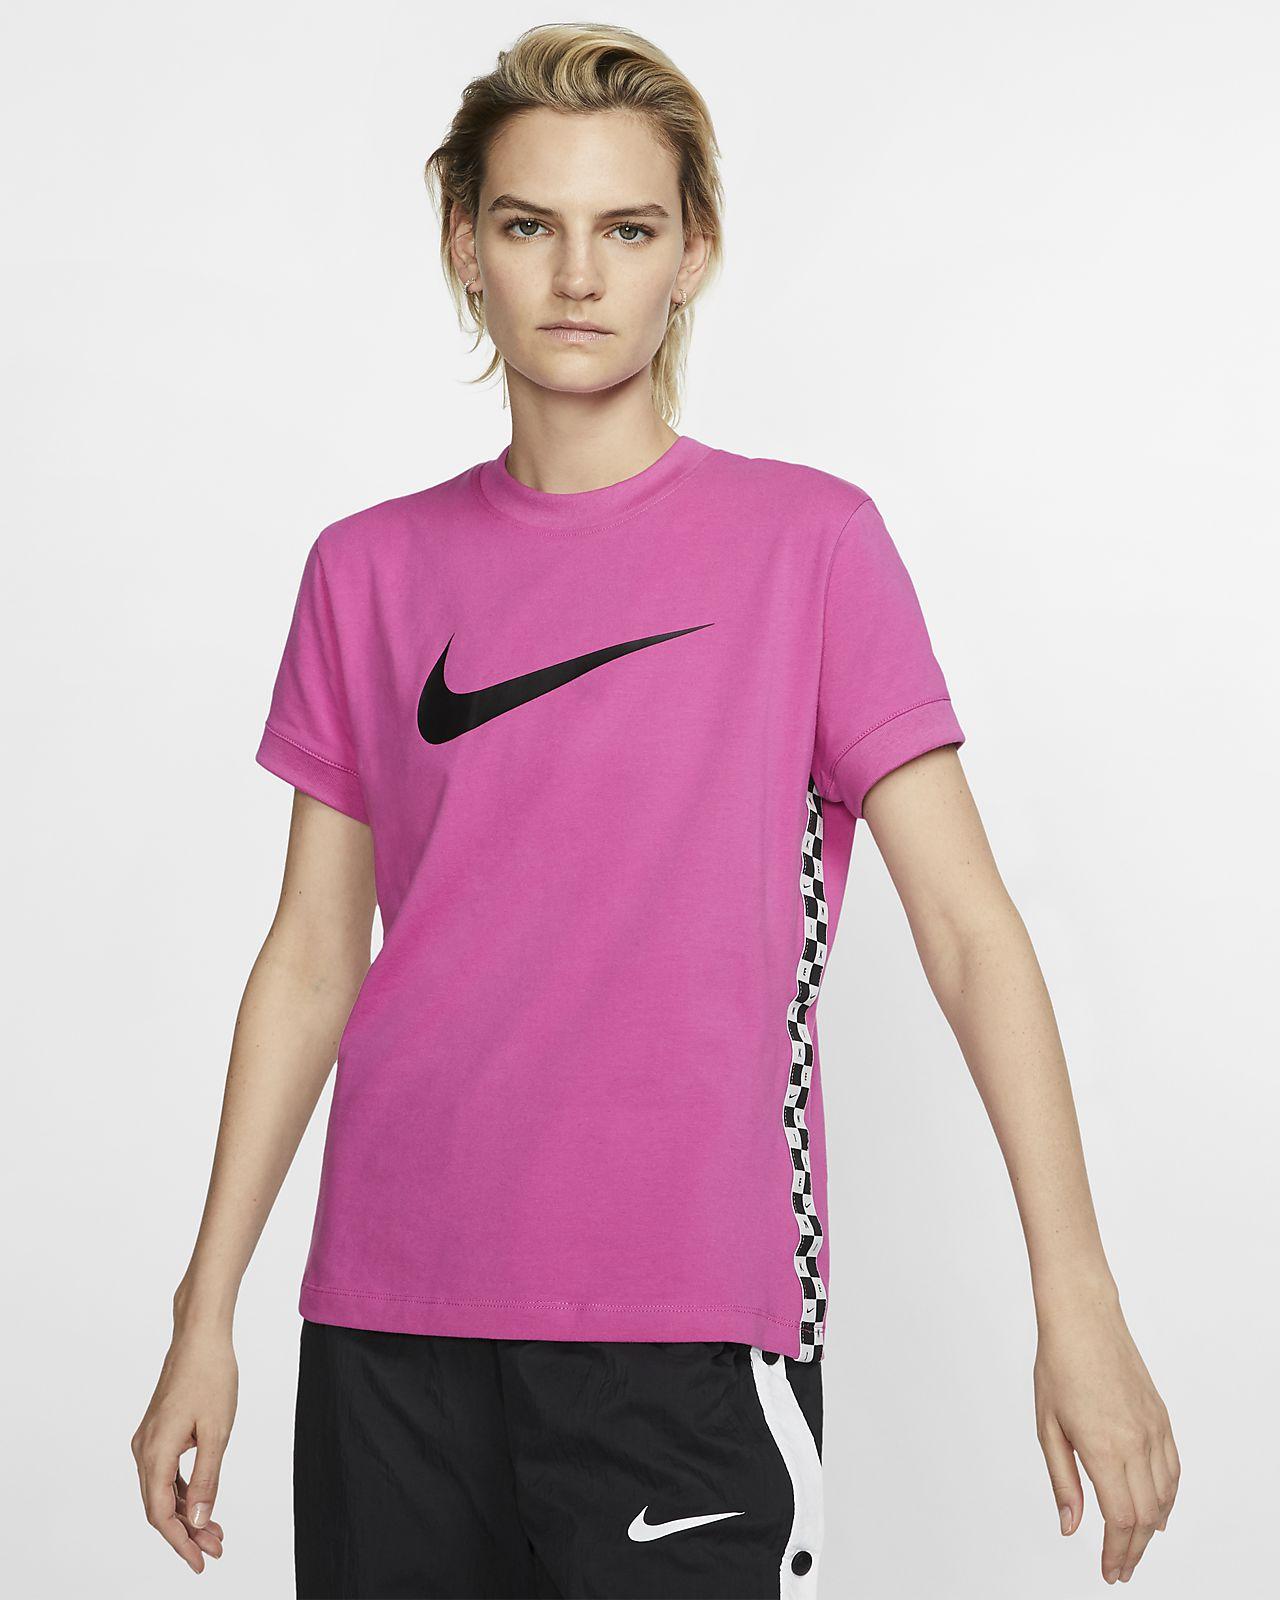 Nike Sportswear-kortærmet top til kvinder